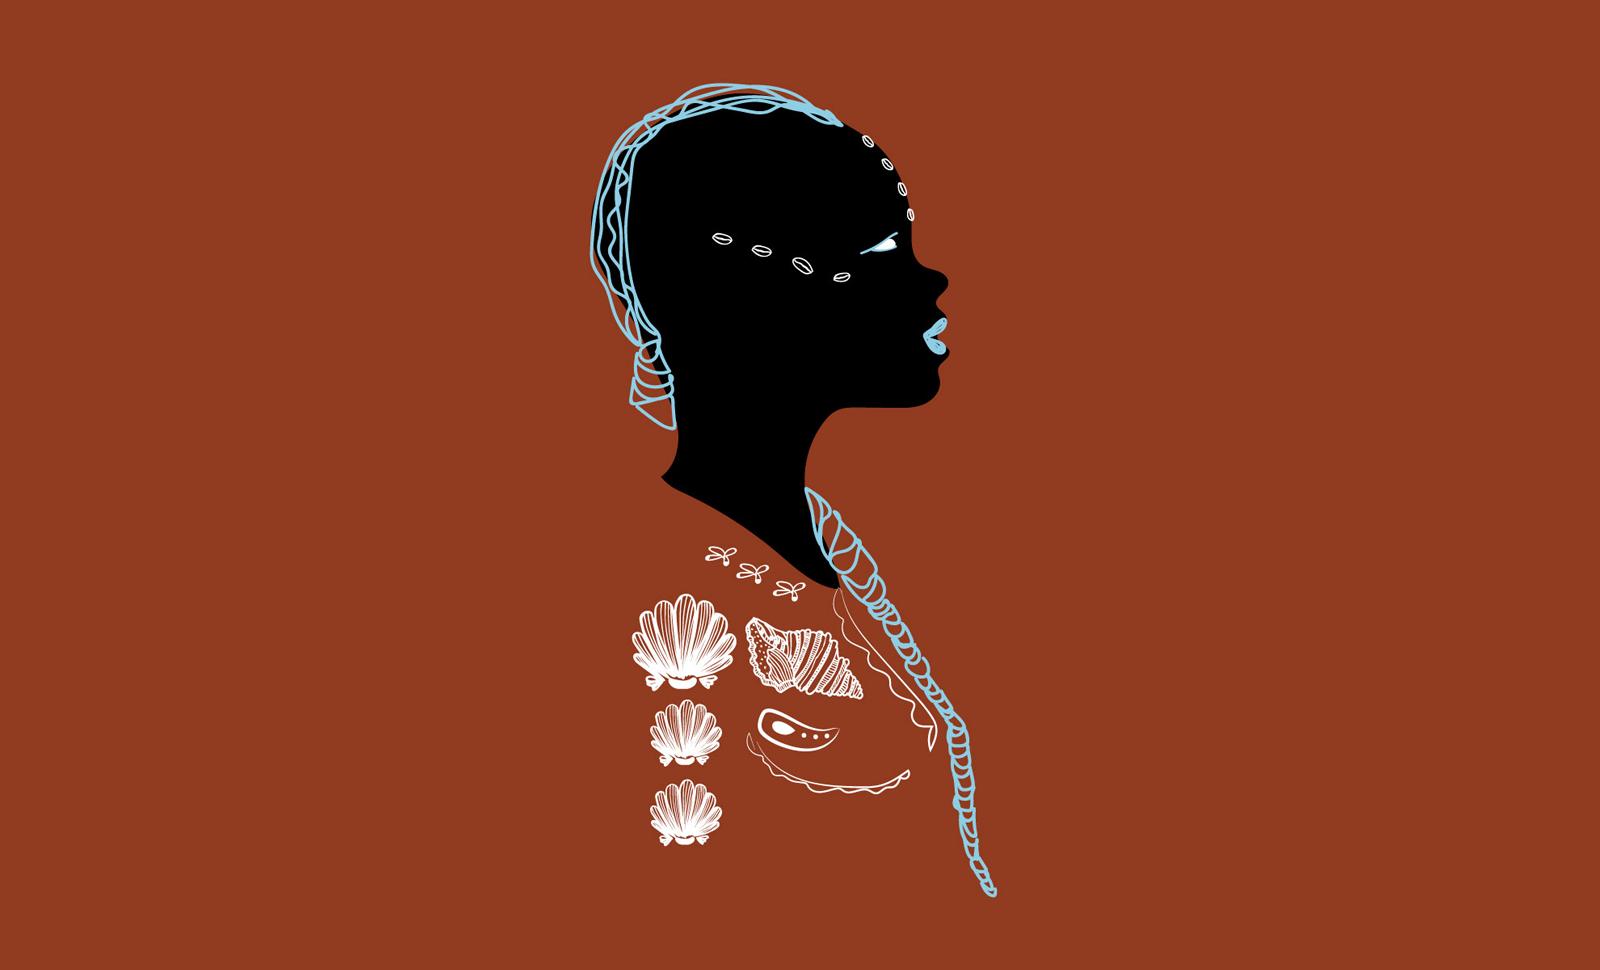 Equidade racial - Ilustração